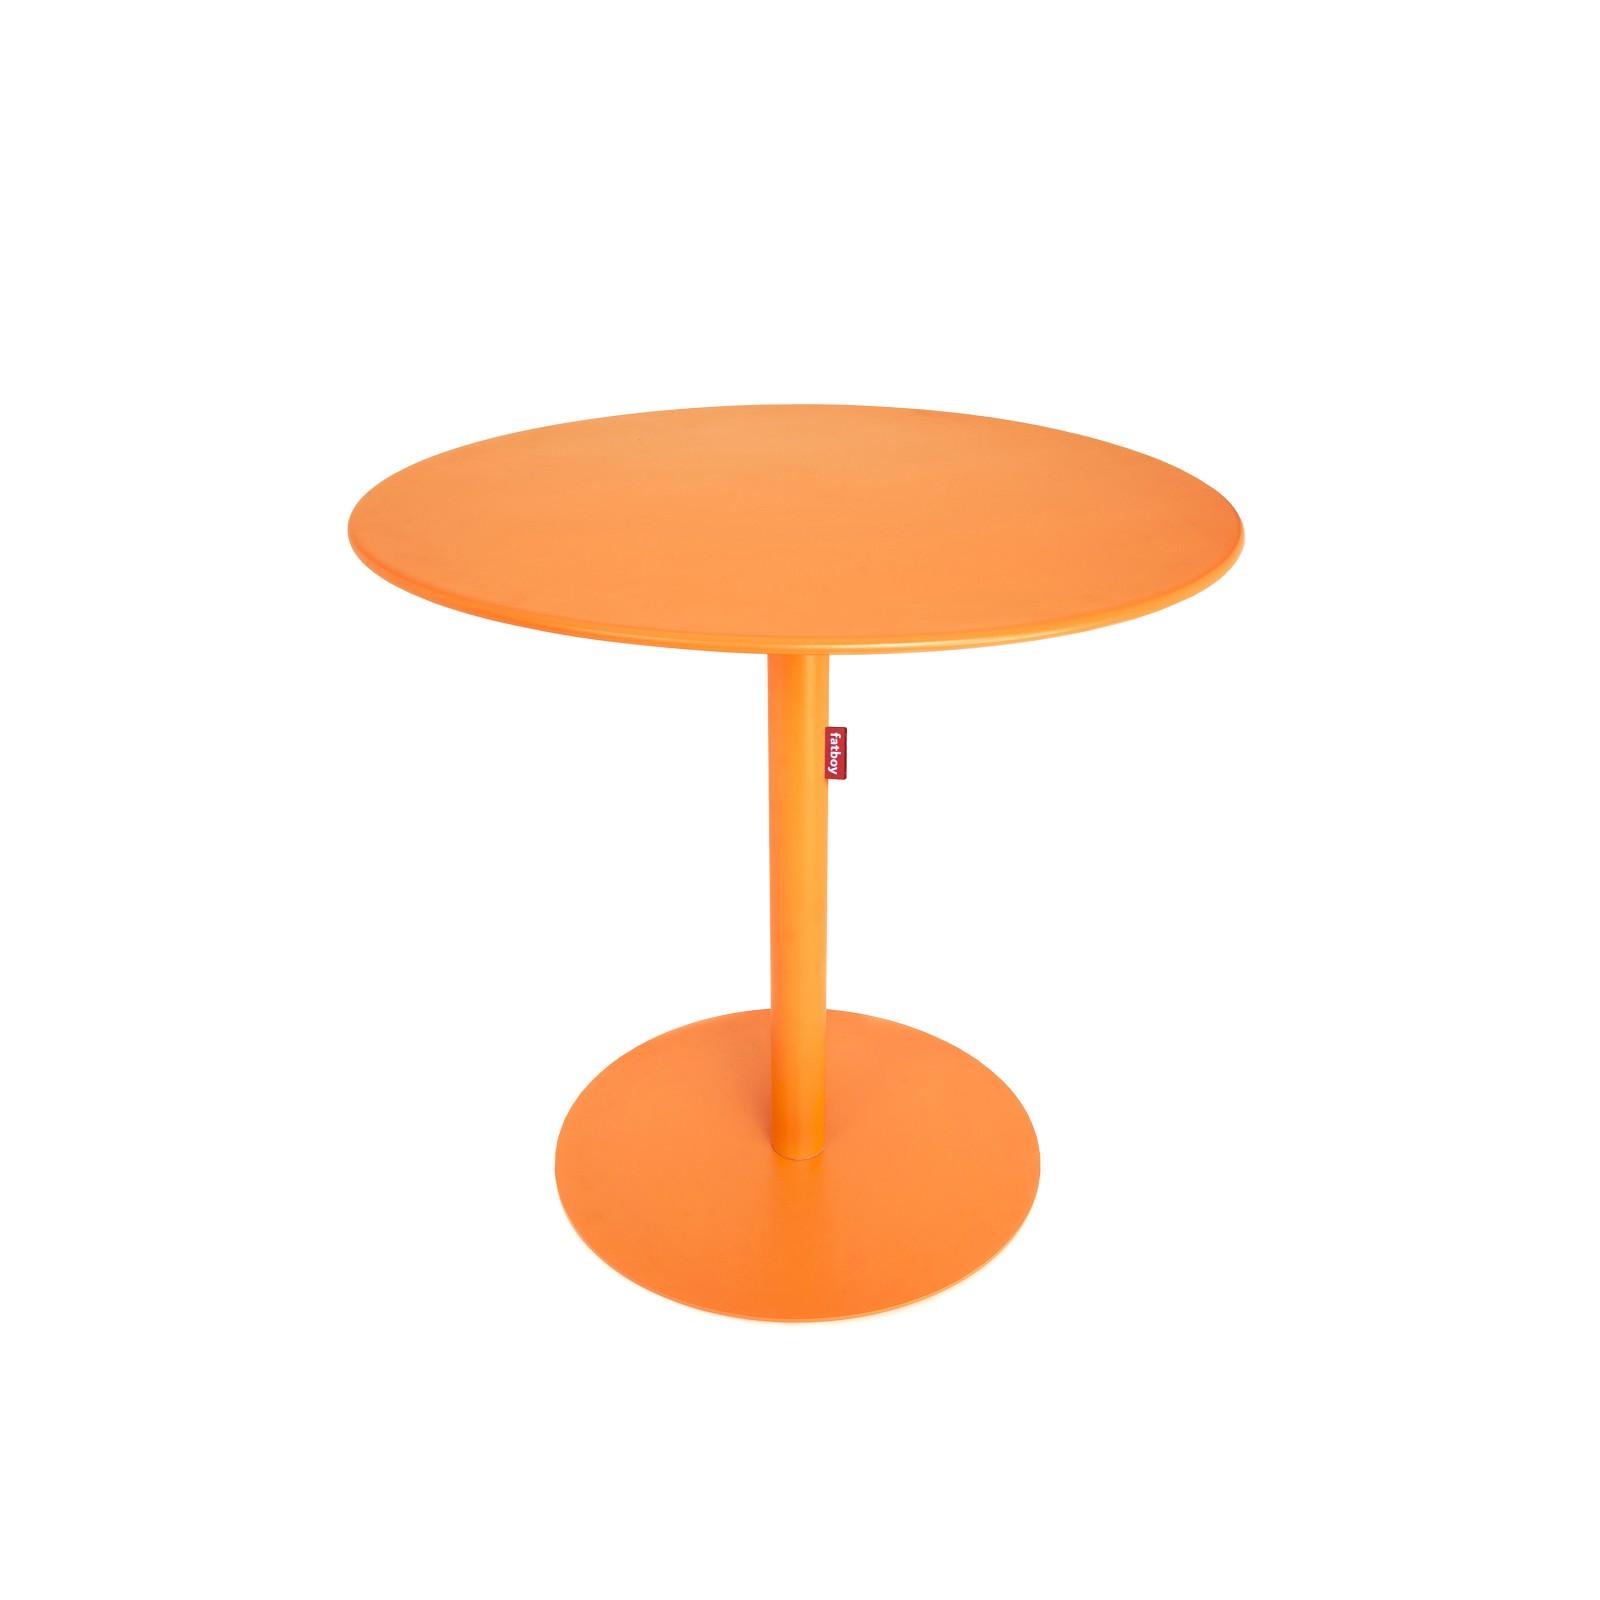 Formitable XS Orange